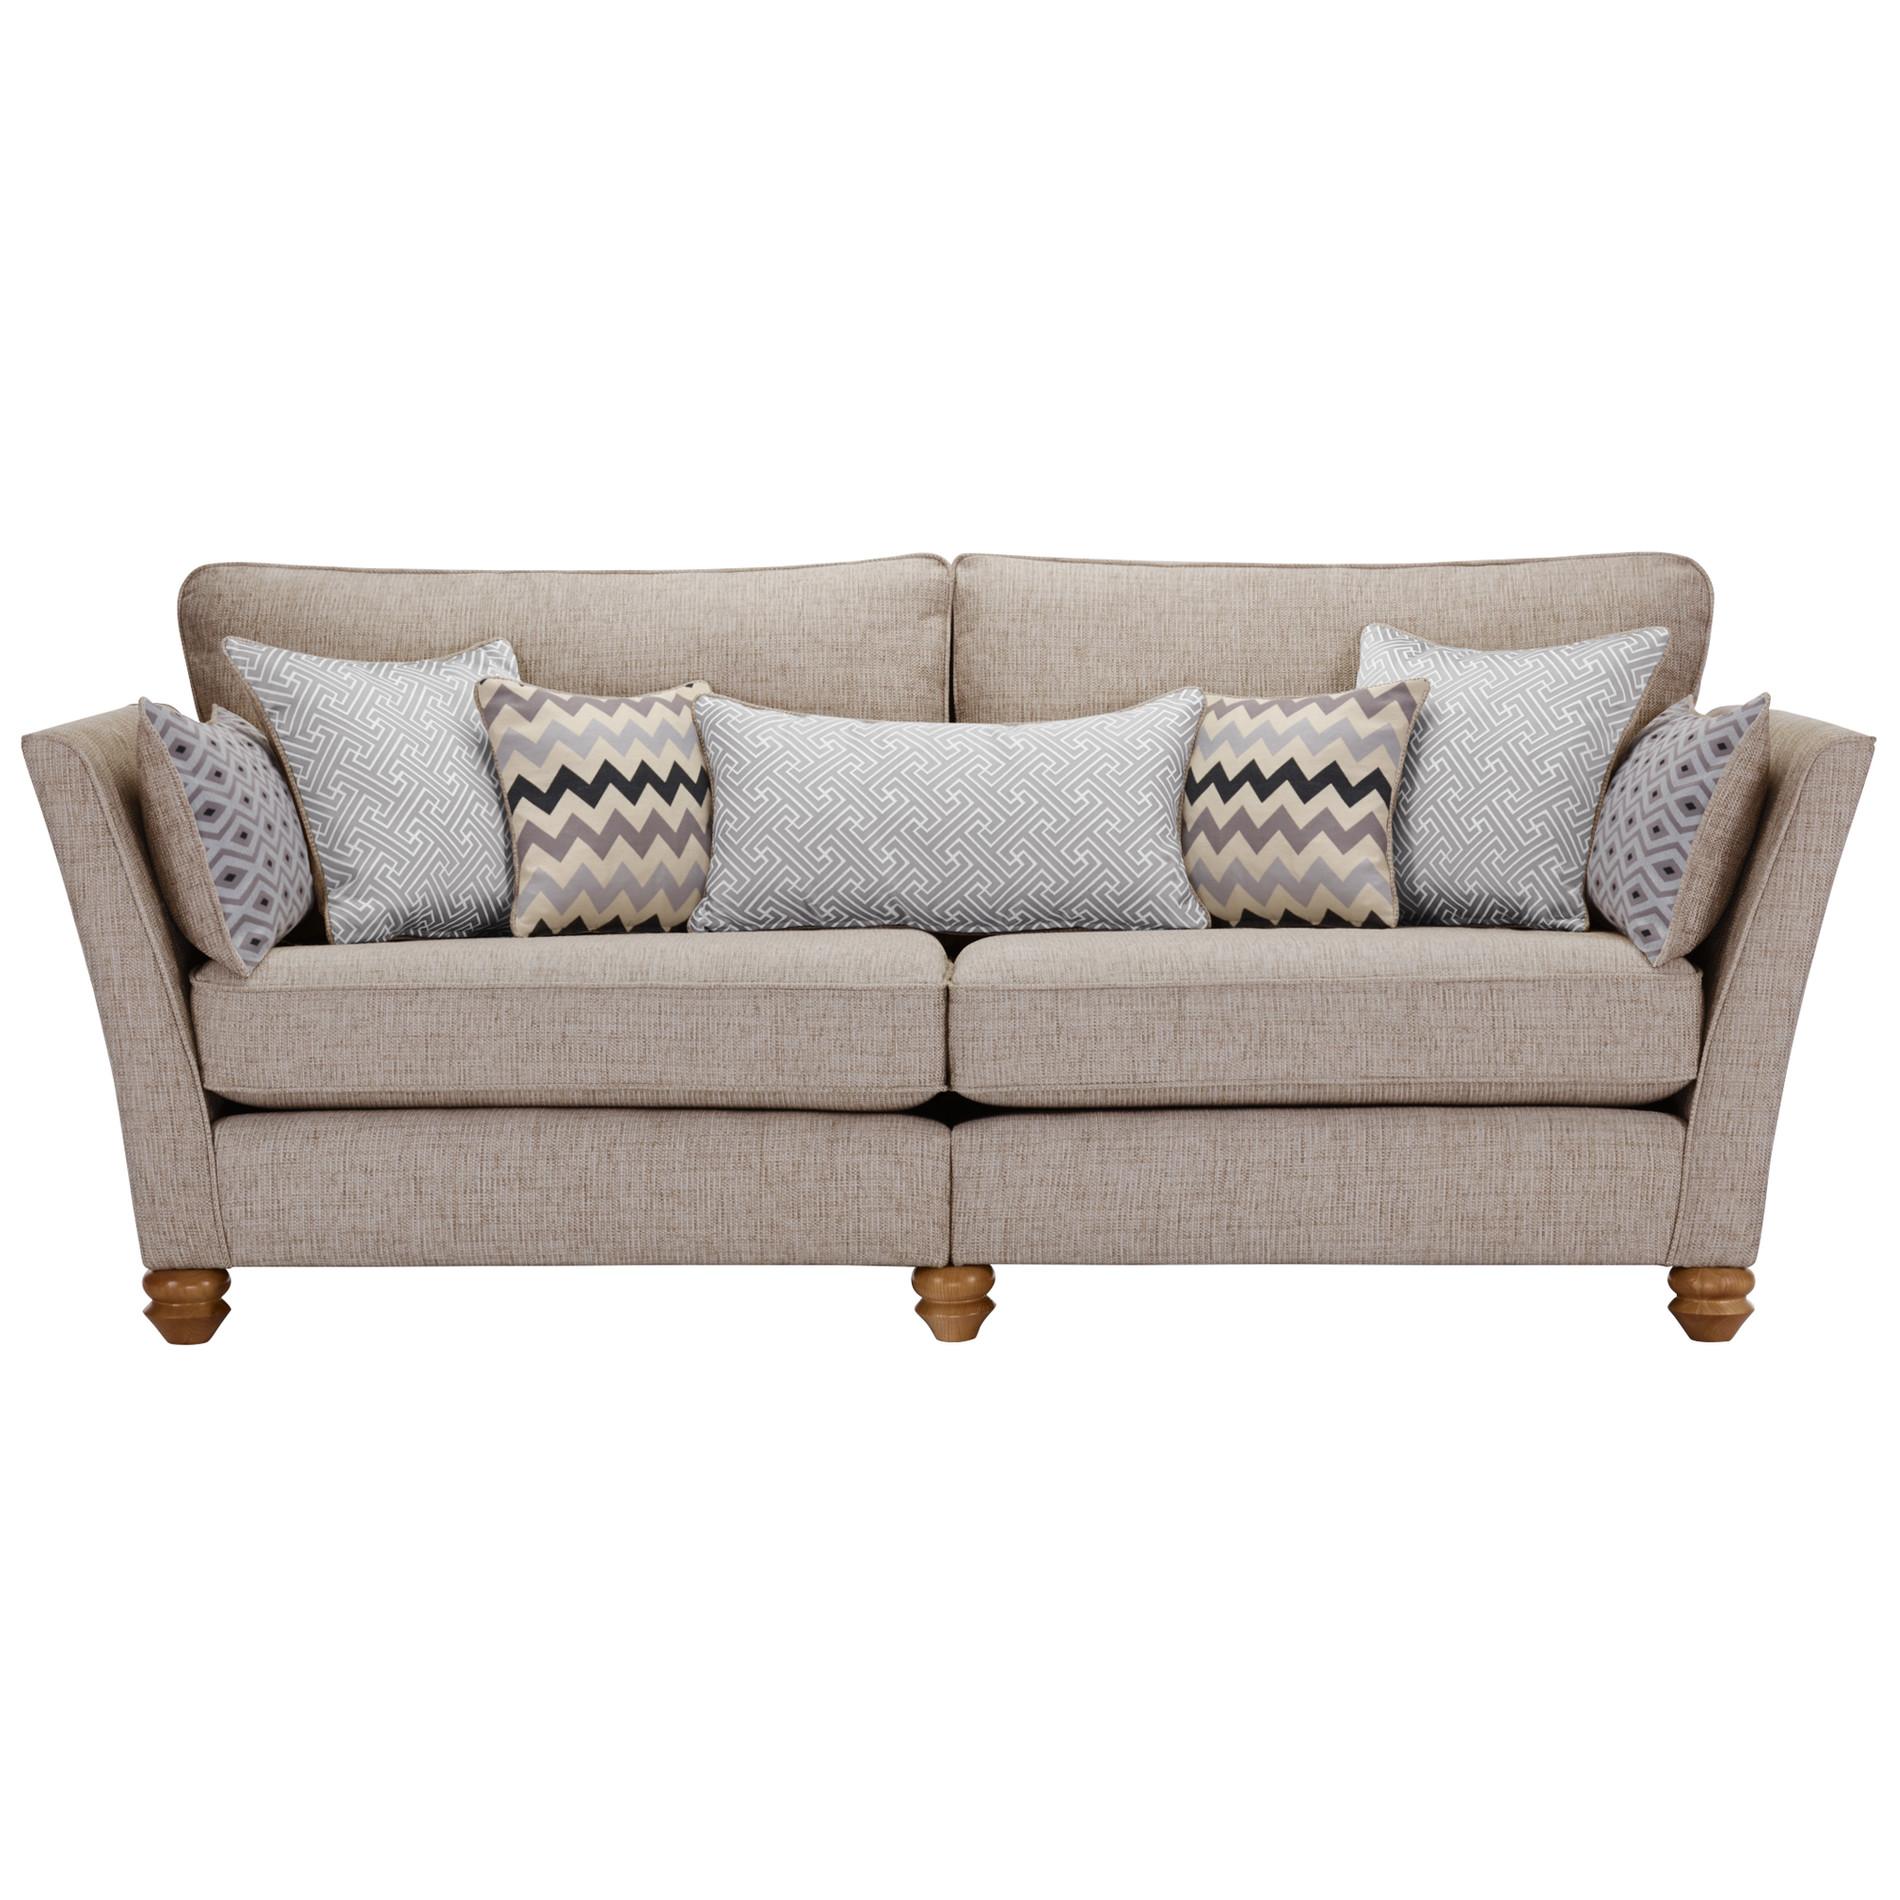 Gainsborough 4 seater sofa in silver oak furniture land for Furniture land